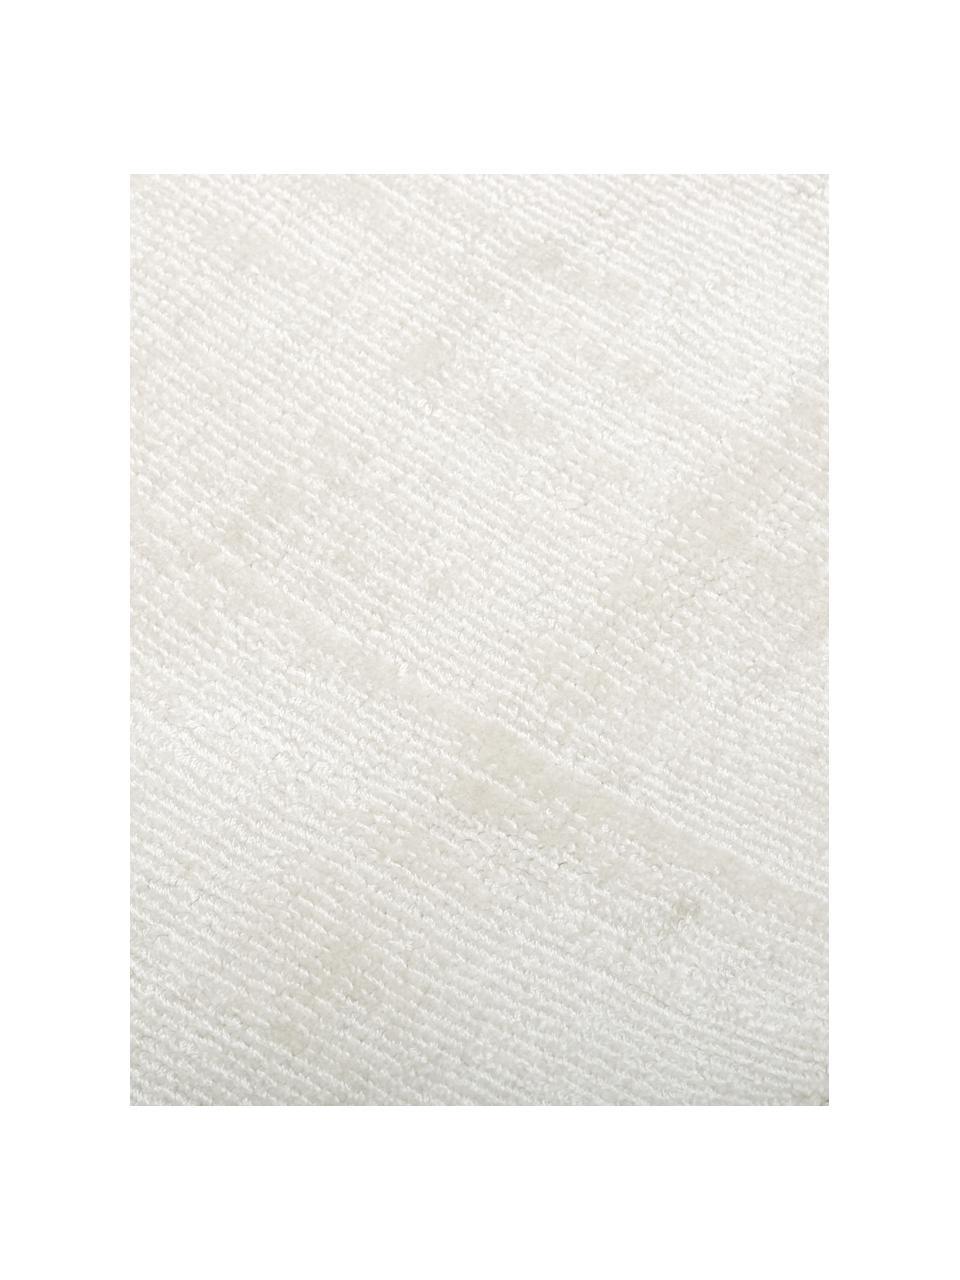 Handgewebter Viskoseteppich Jane in Elfenbeinfarben, Flor: 100% Viskose, Elfenbeinfarben, B 120 x L 180 cm (Größe S)